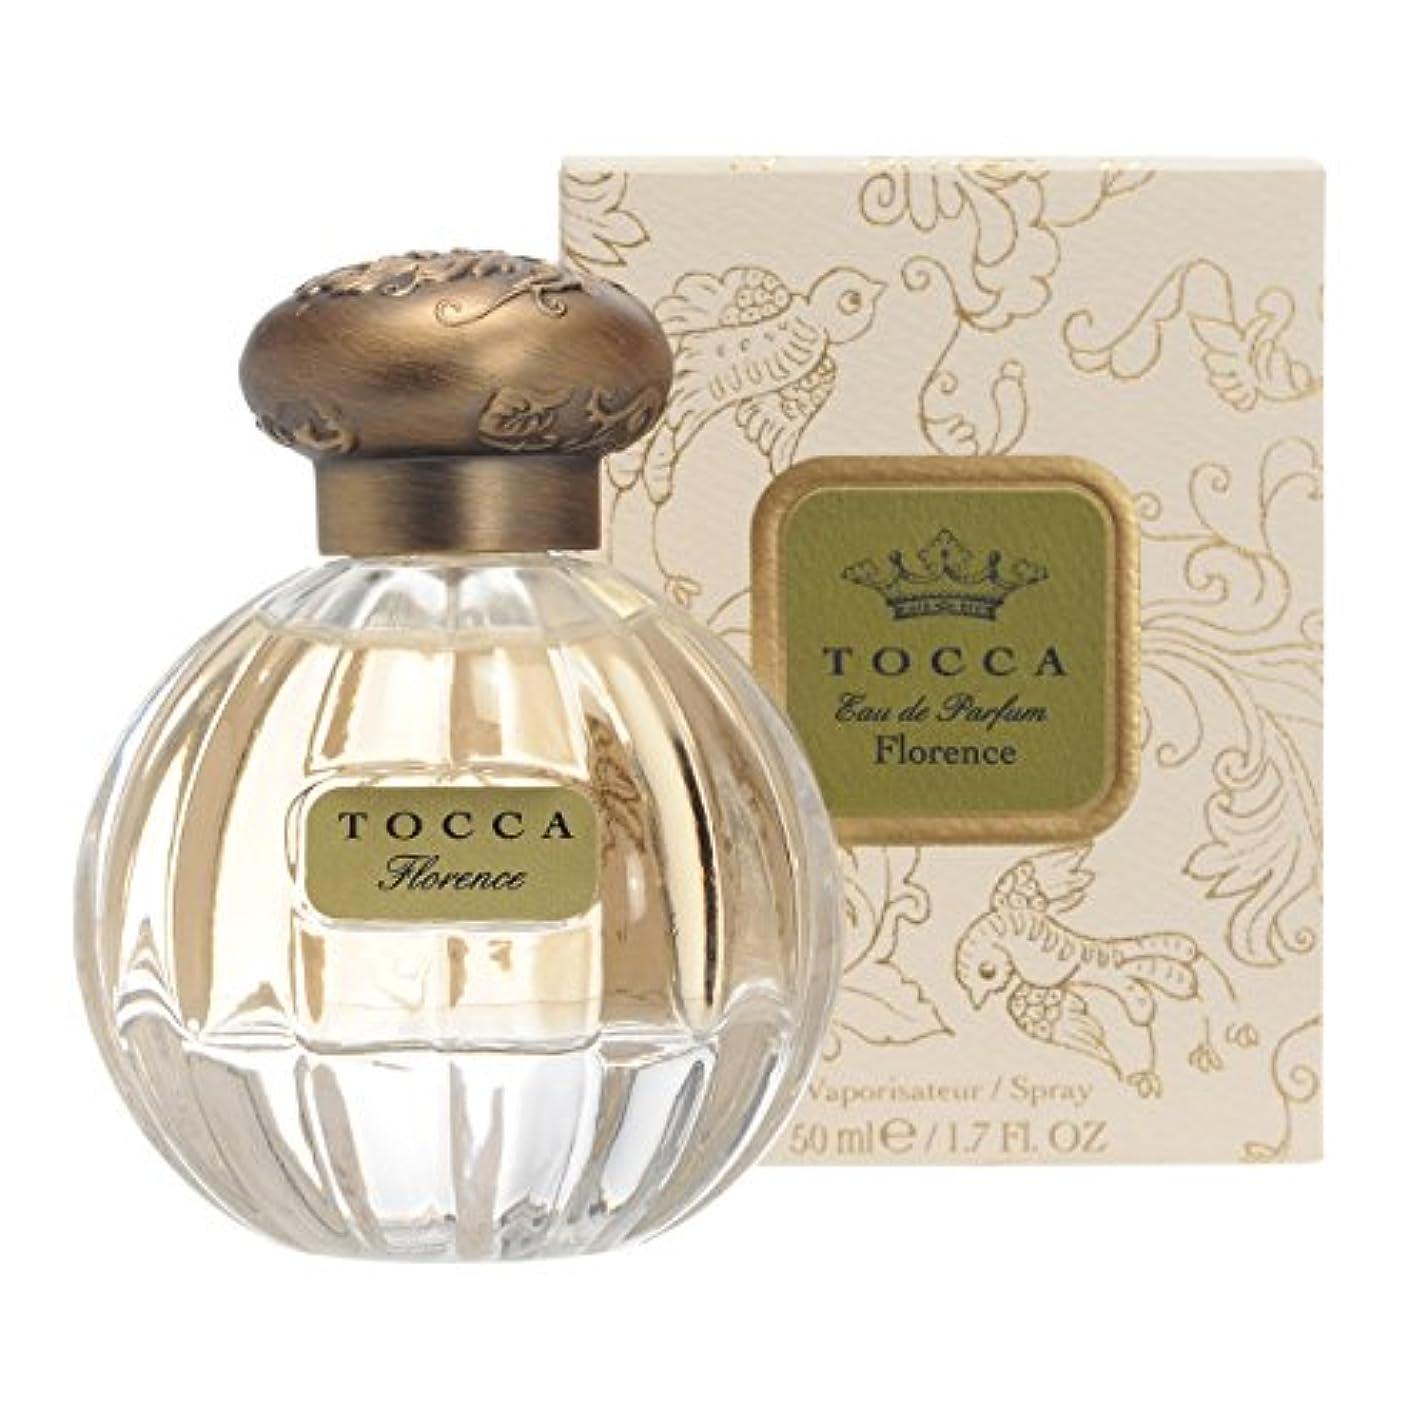 オープニング慣習退屈させるトッカ(TOCCA) オードパルファム フローレンスの香り 50ml(香水 パリジェンヌの洗練された美しさを演出する、ガーデニアとスミレが漂う上品なフローラルの香り)